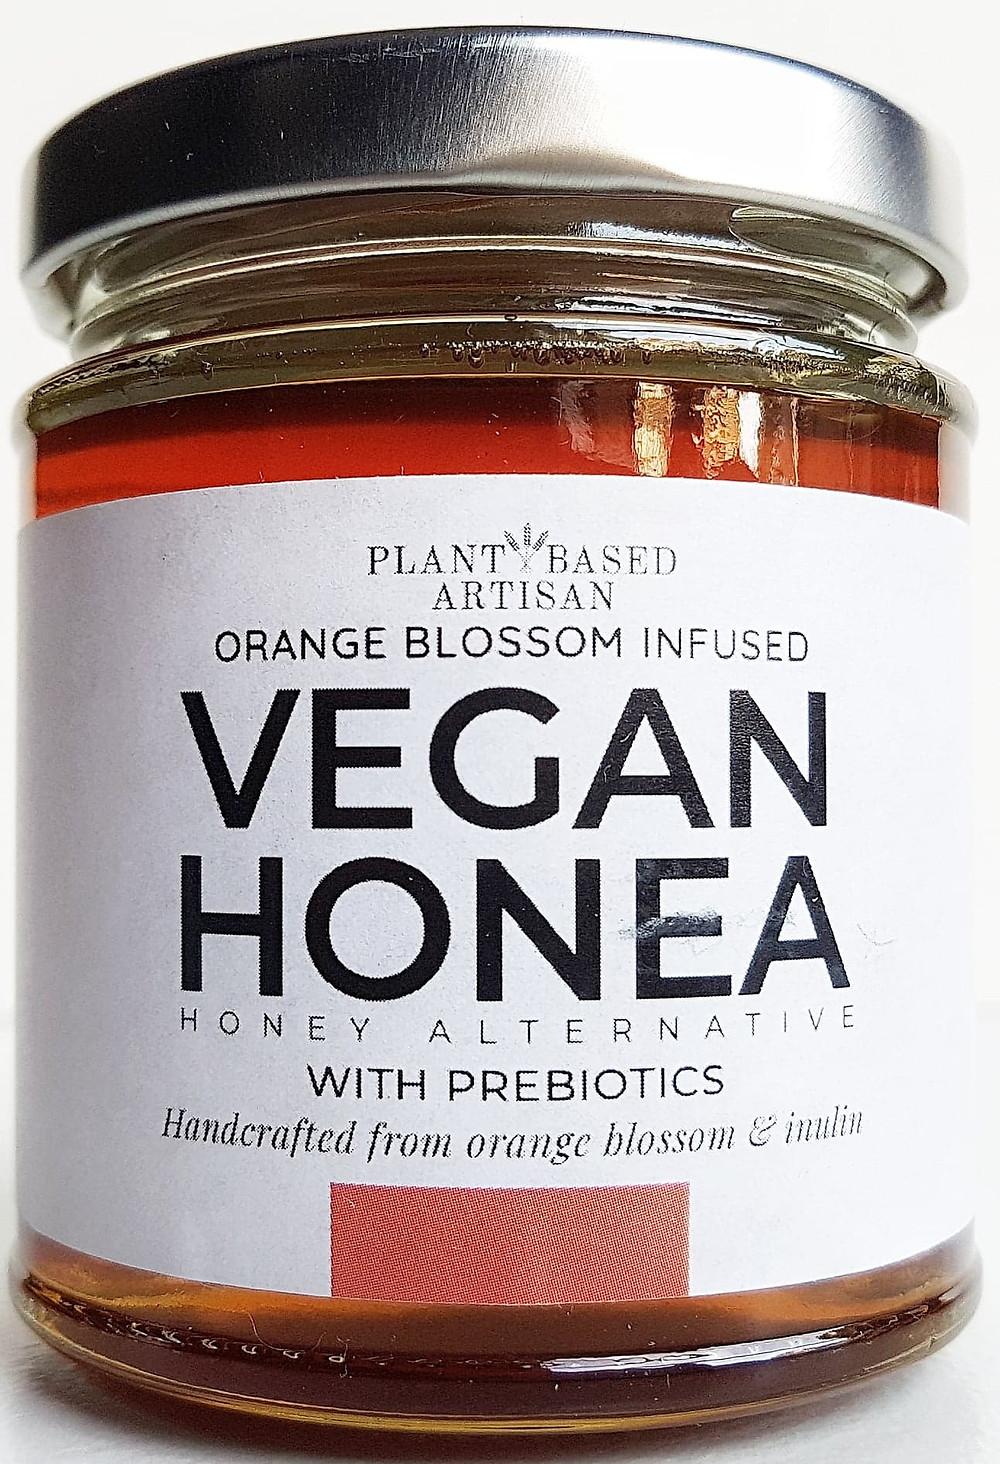 Plant Based Artisan vegan honey Orange Blossom